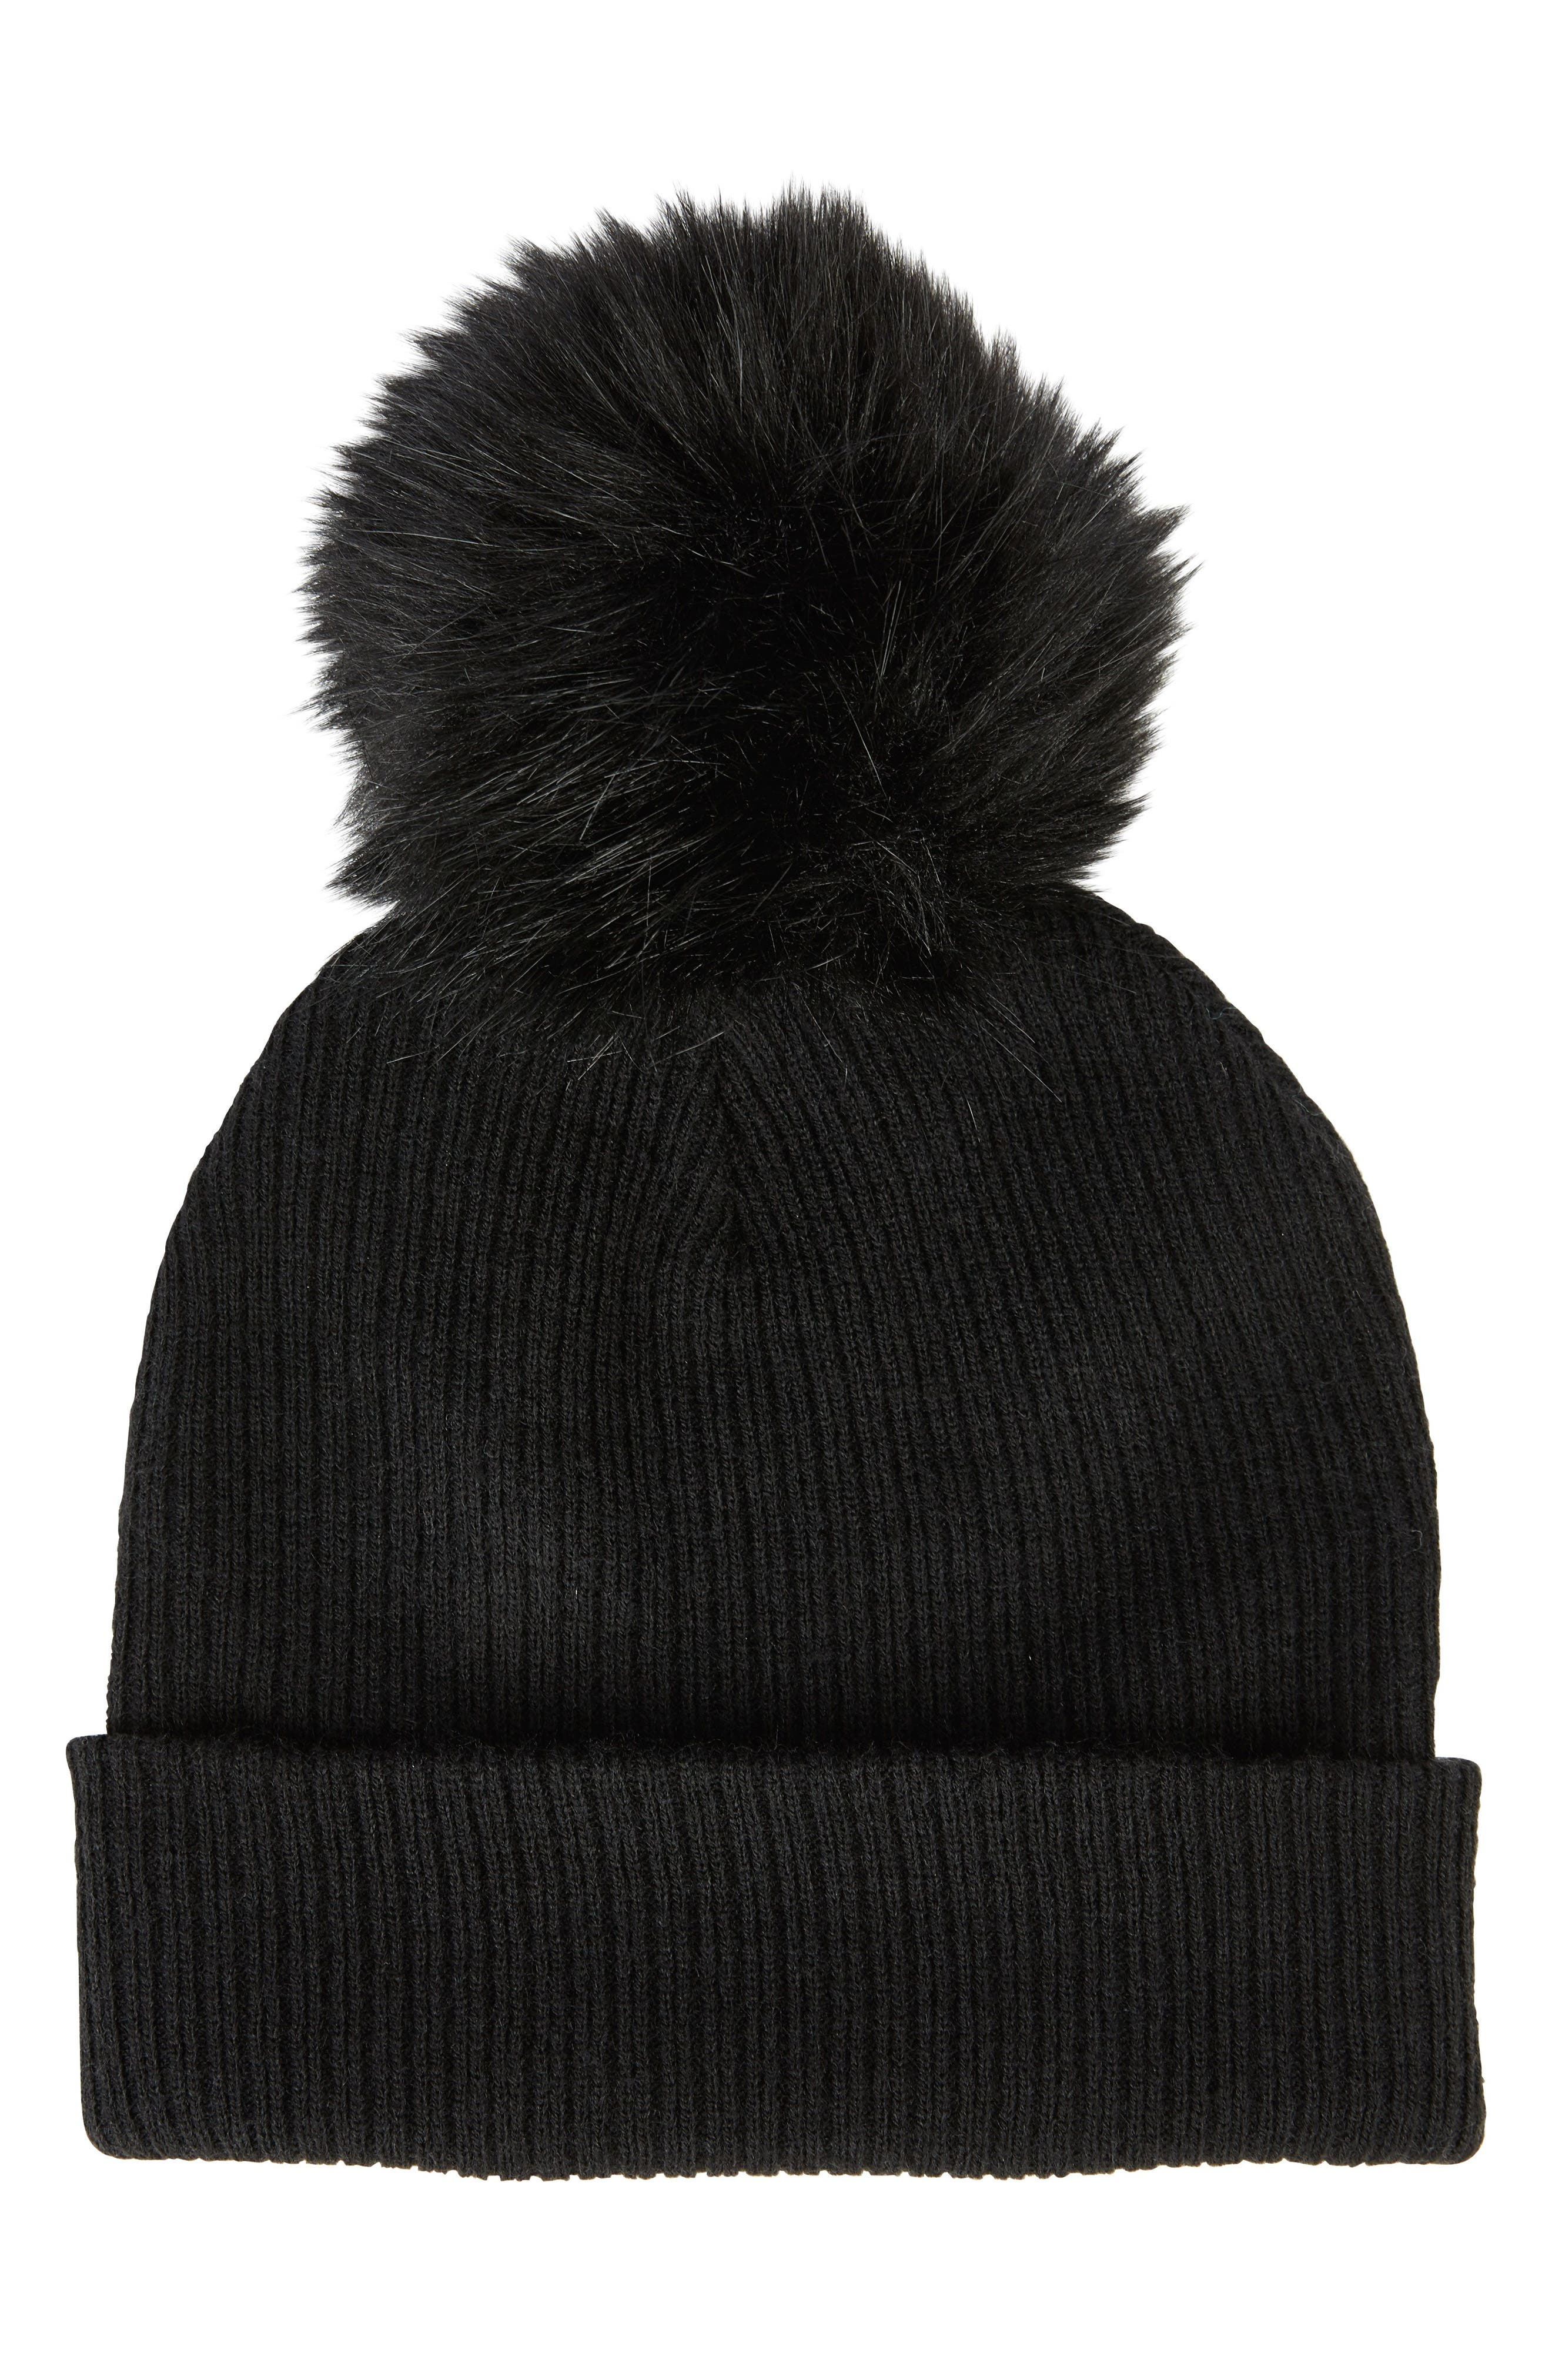 2ca9cc4dae2 Beanie Hats for Women